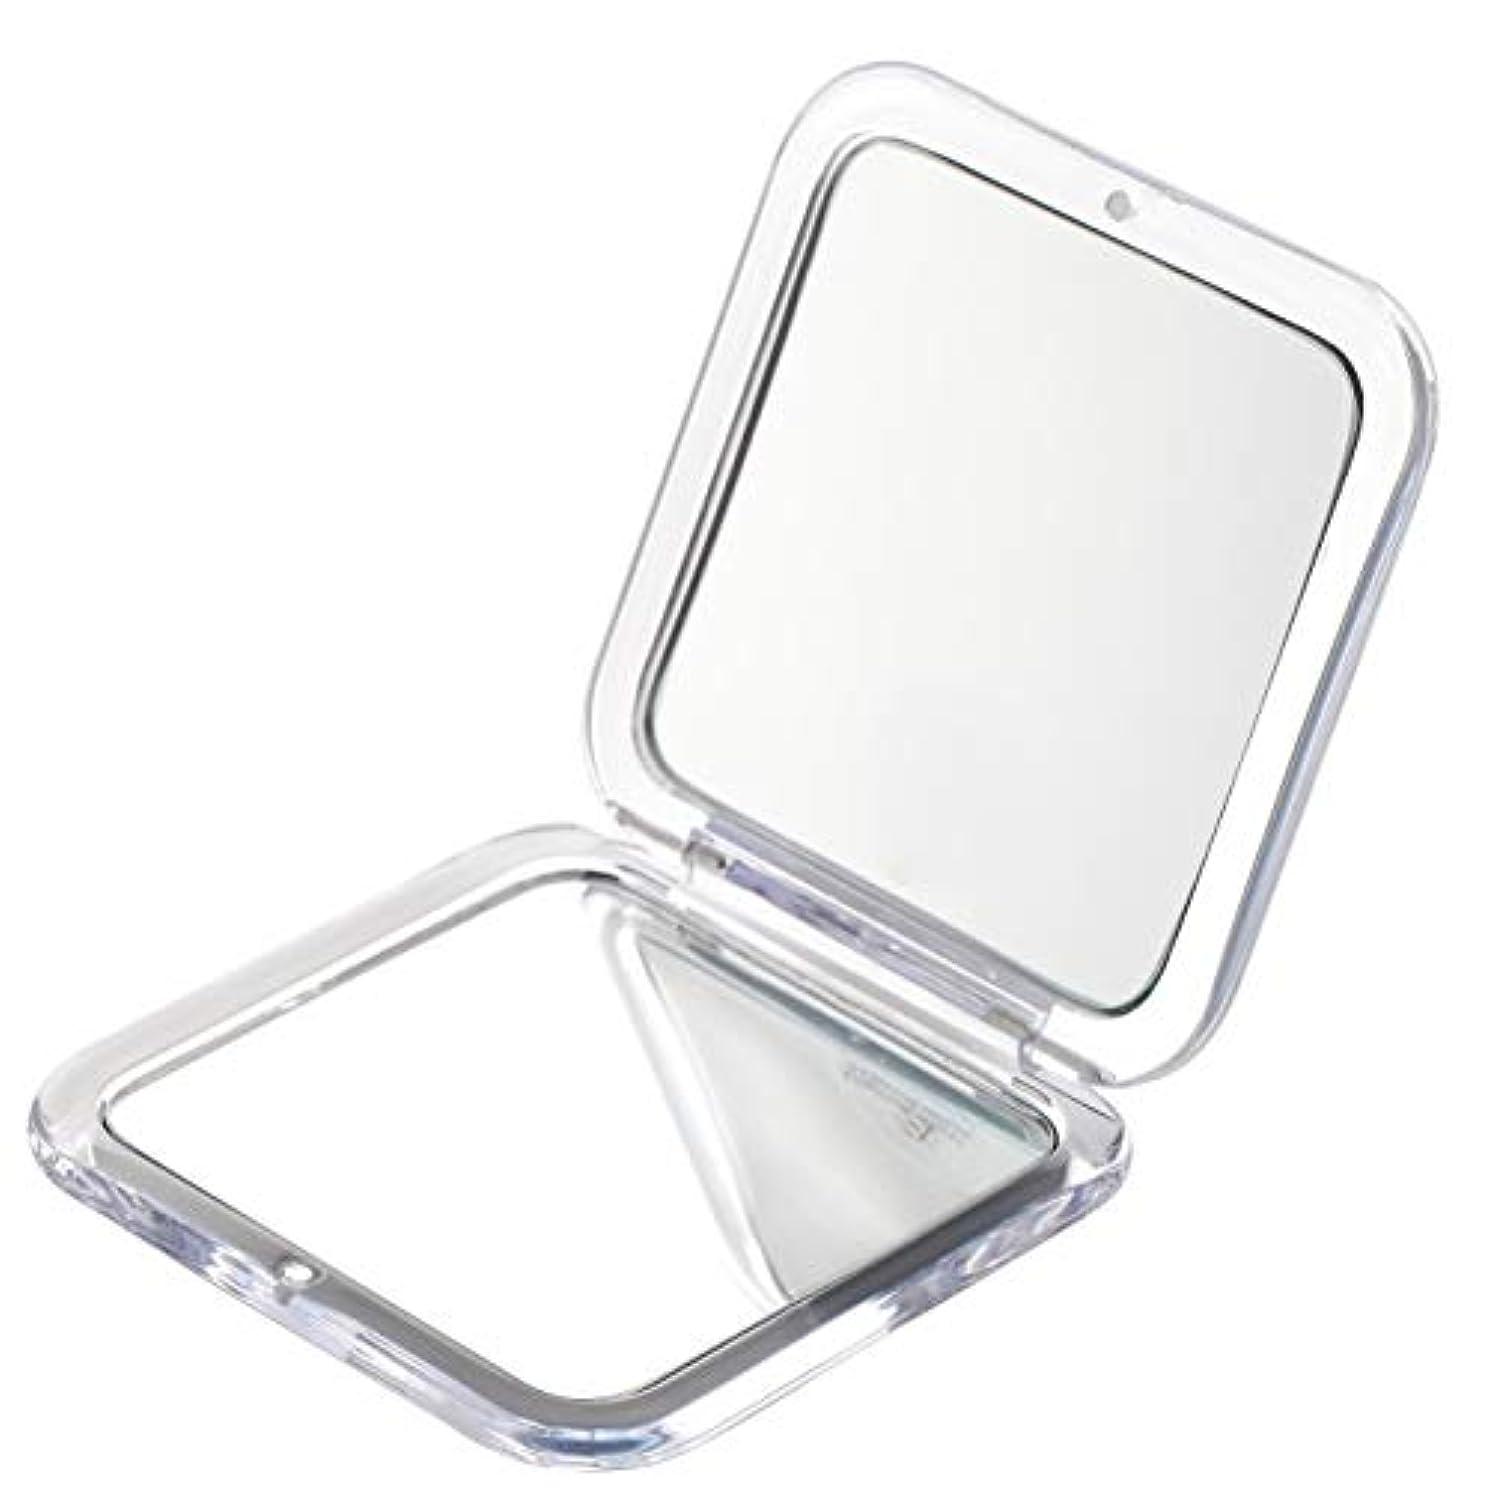 ラッカス記者ストラトフォードオンエイボンMiss Sweet コンパクトミラー 両面鏡 化粧鏡 拡大鏡 1倍*5倍